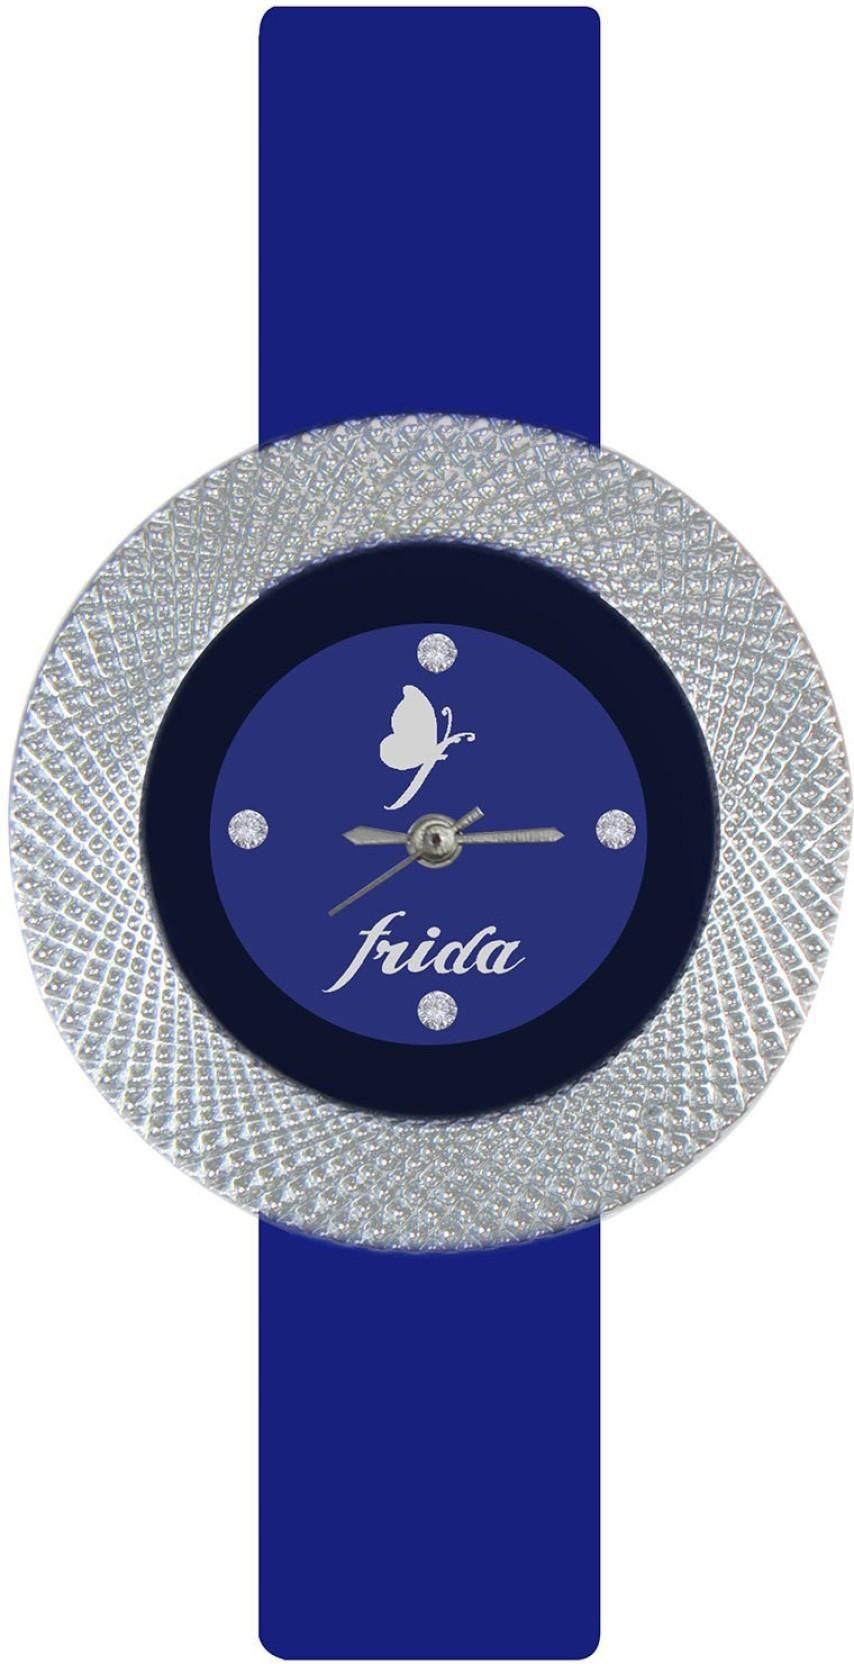 Frida FR-IJSKNKDGHKS- For girls Watch - For Girls